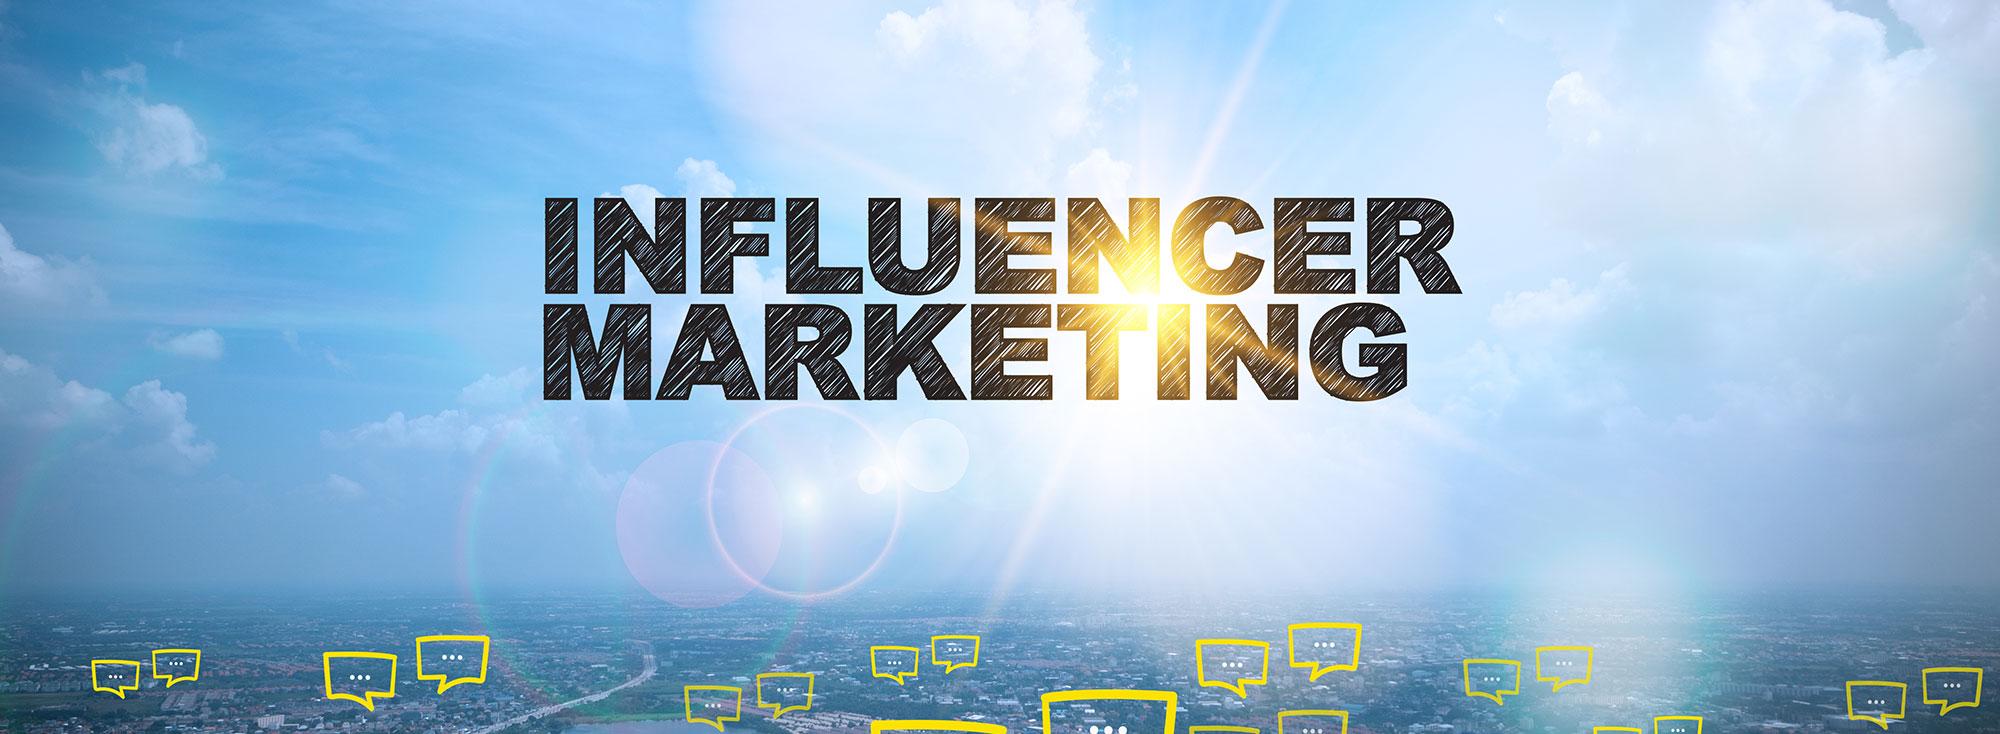 Influencer Marketing in der Healthcare-Branche – wichtige Tipps die Sie beachten sollten um ihre Zielgruppe online adäquat zu erreichen